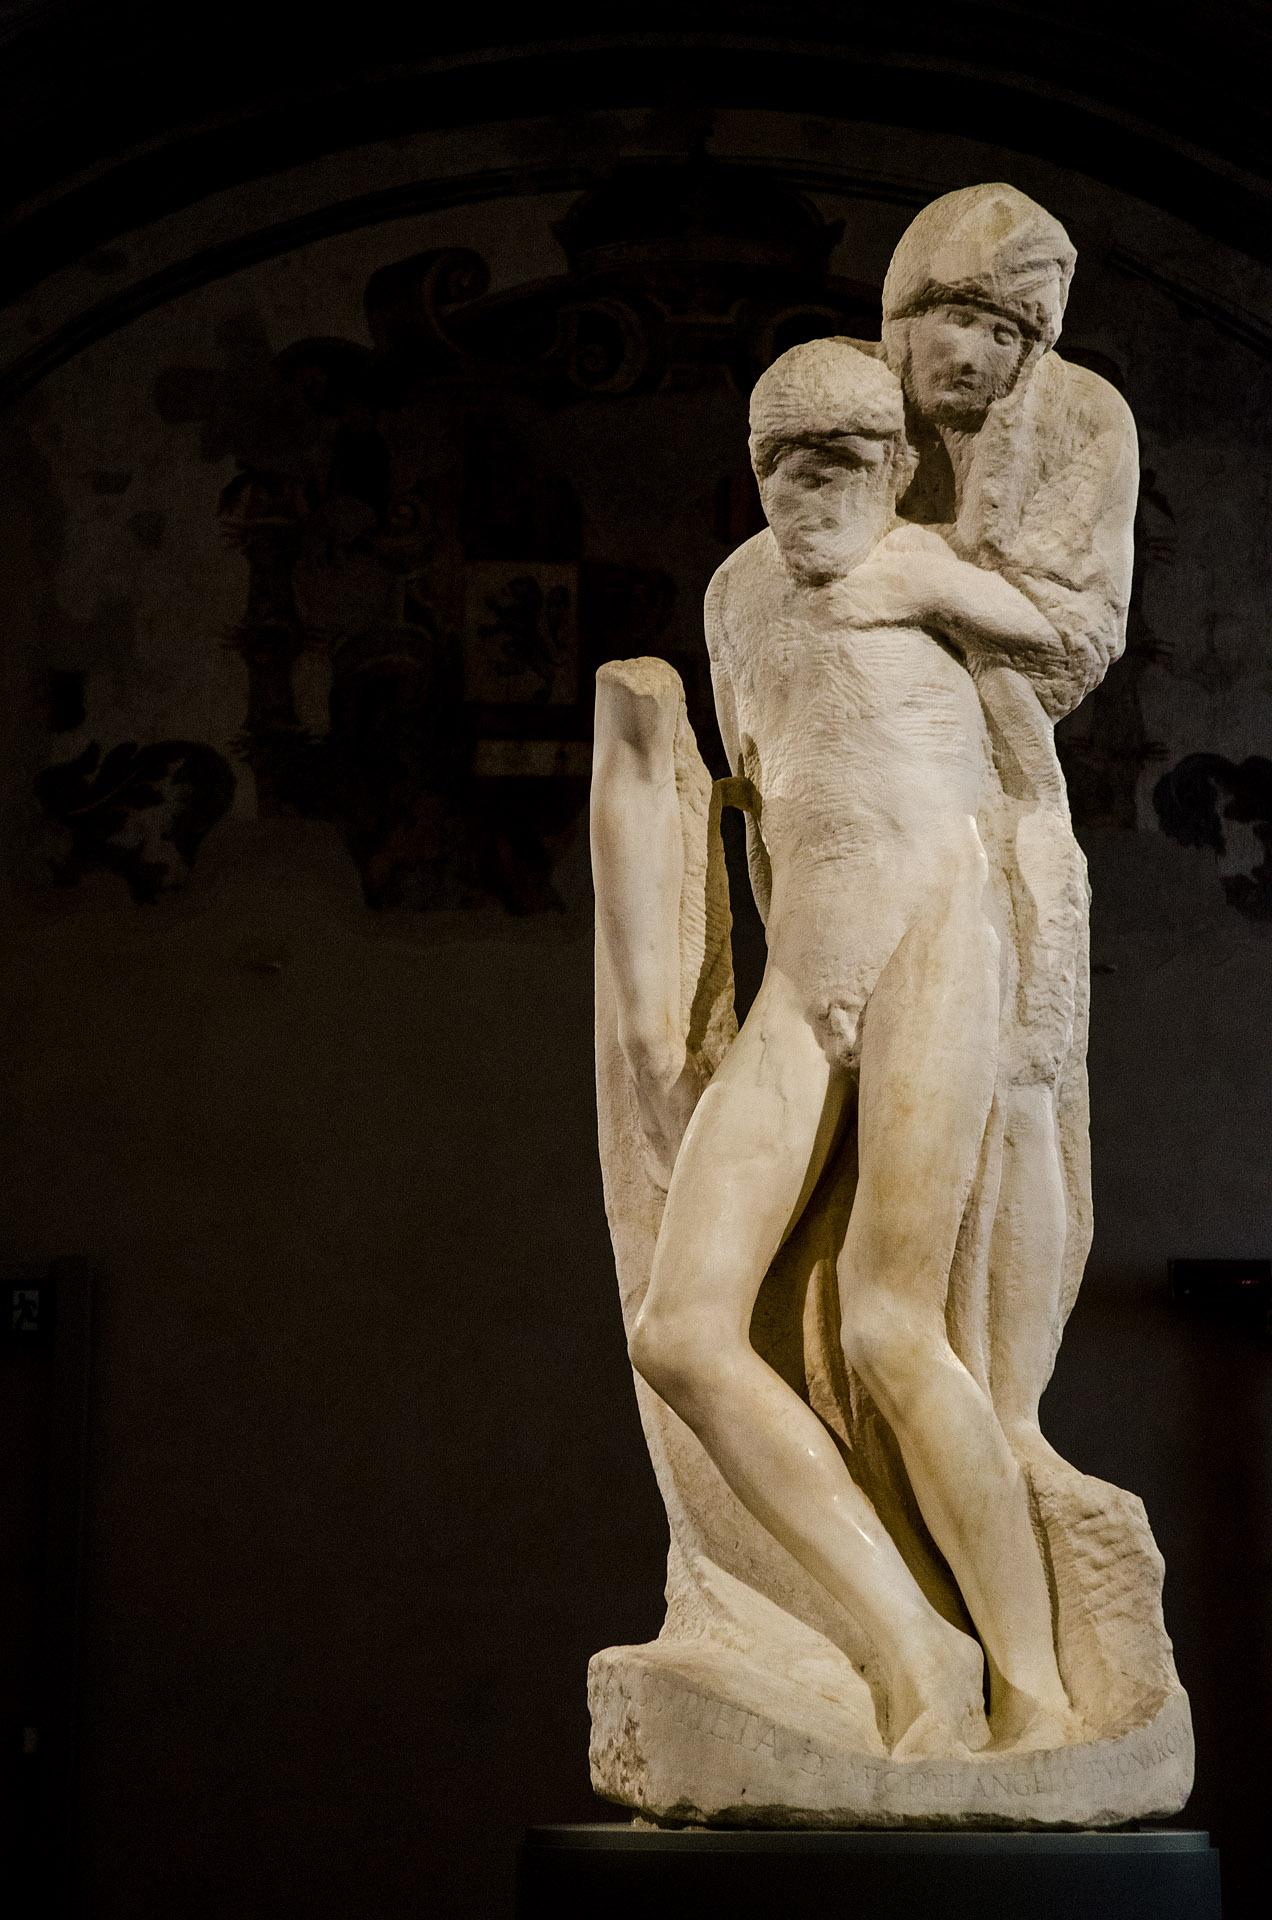 Michelangelo's Rondanini Pietà